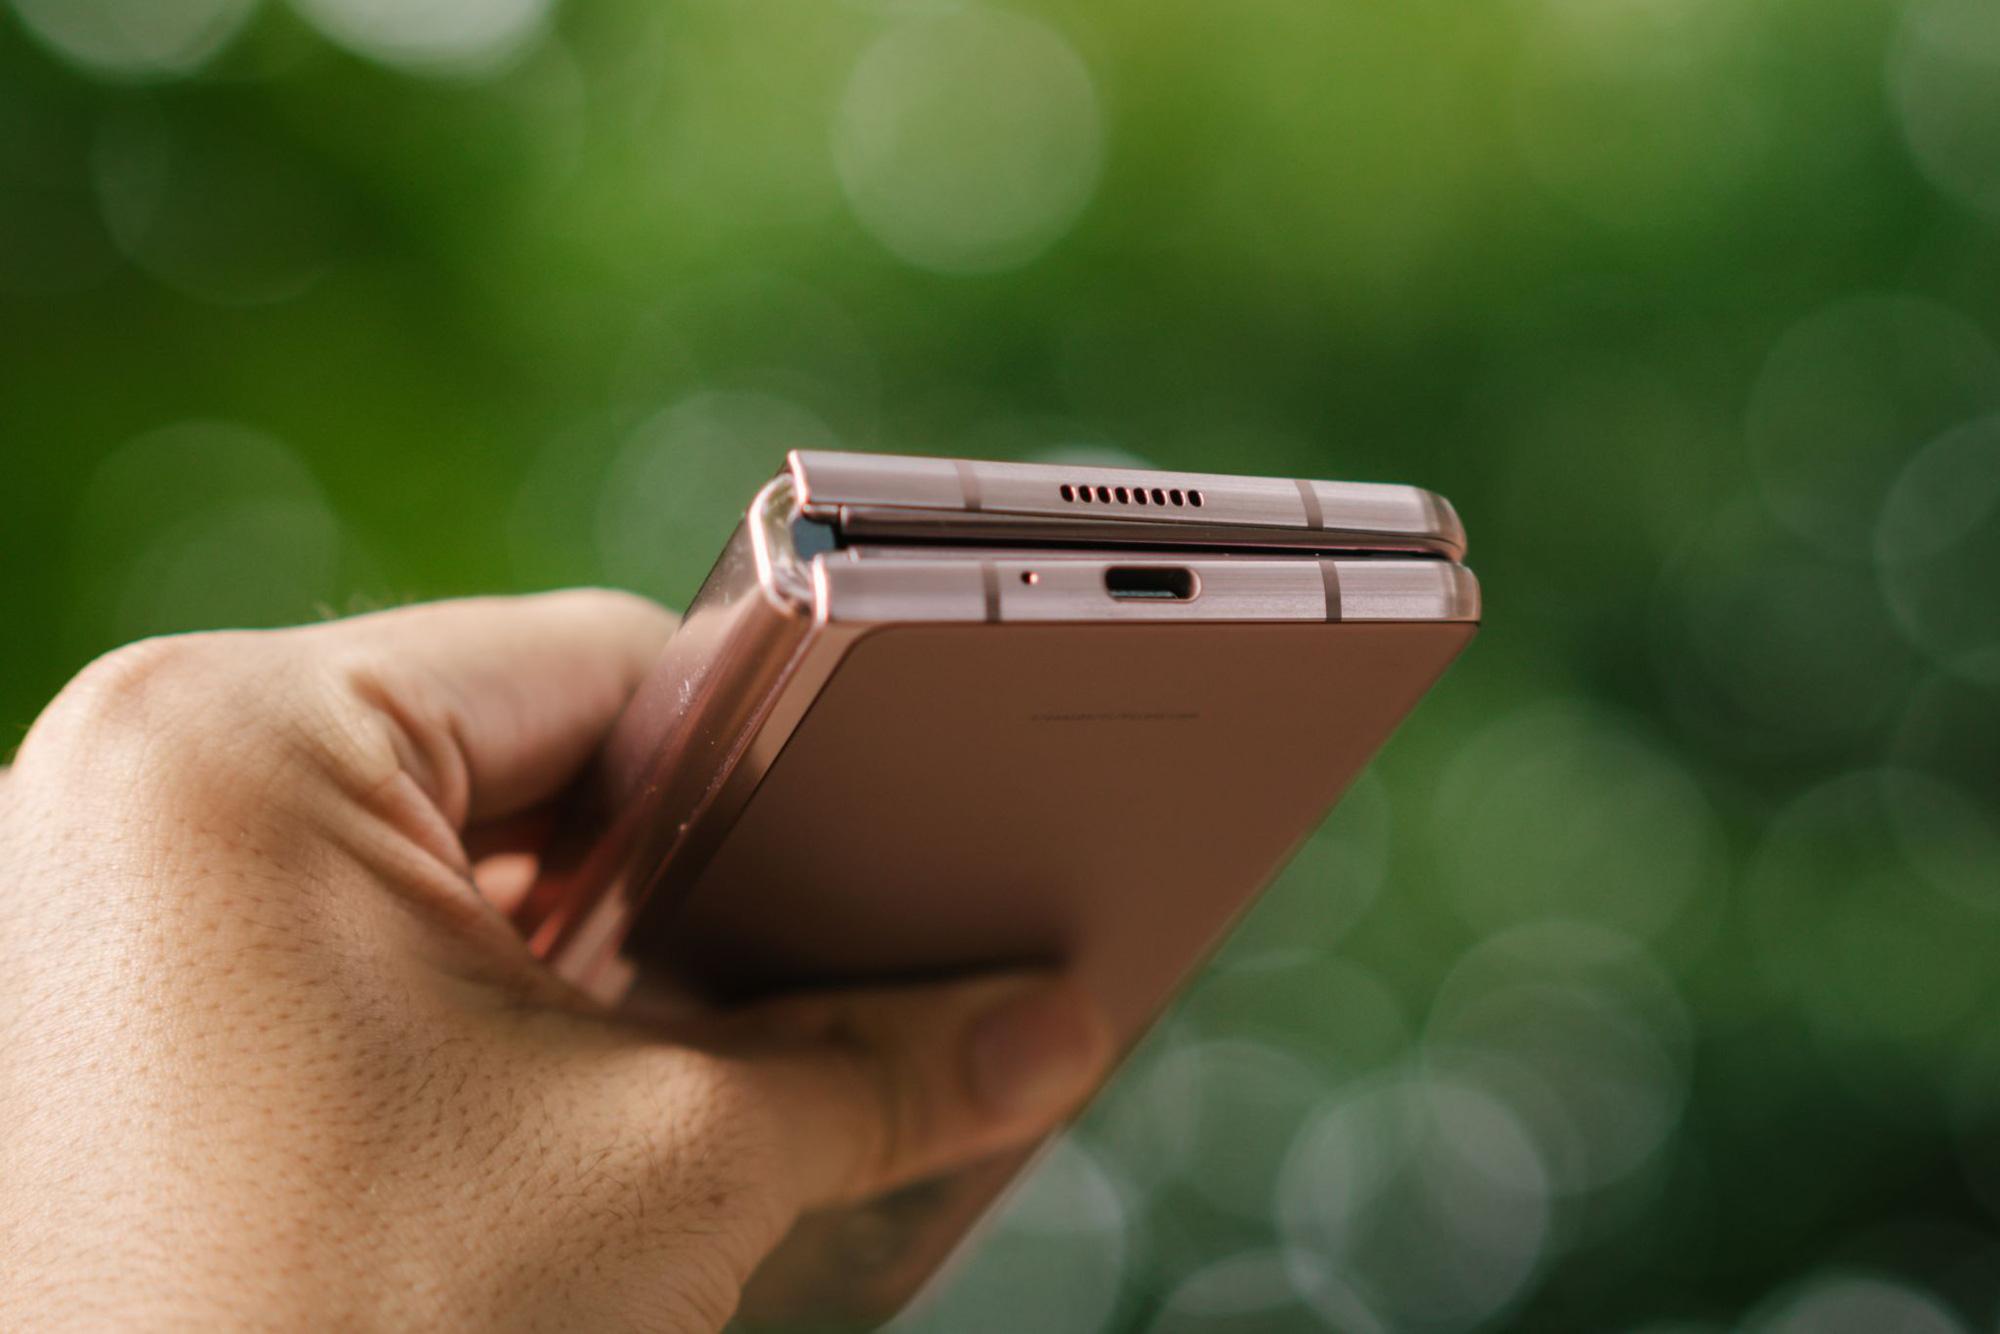 Công nghệ đặc biệt đem đến thiết kế hấp dẫn cho Galaxy Z Fold2 - Ảnh 3.